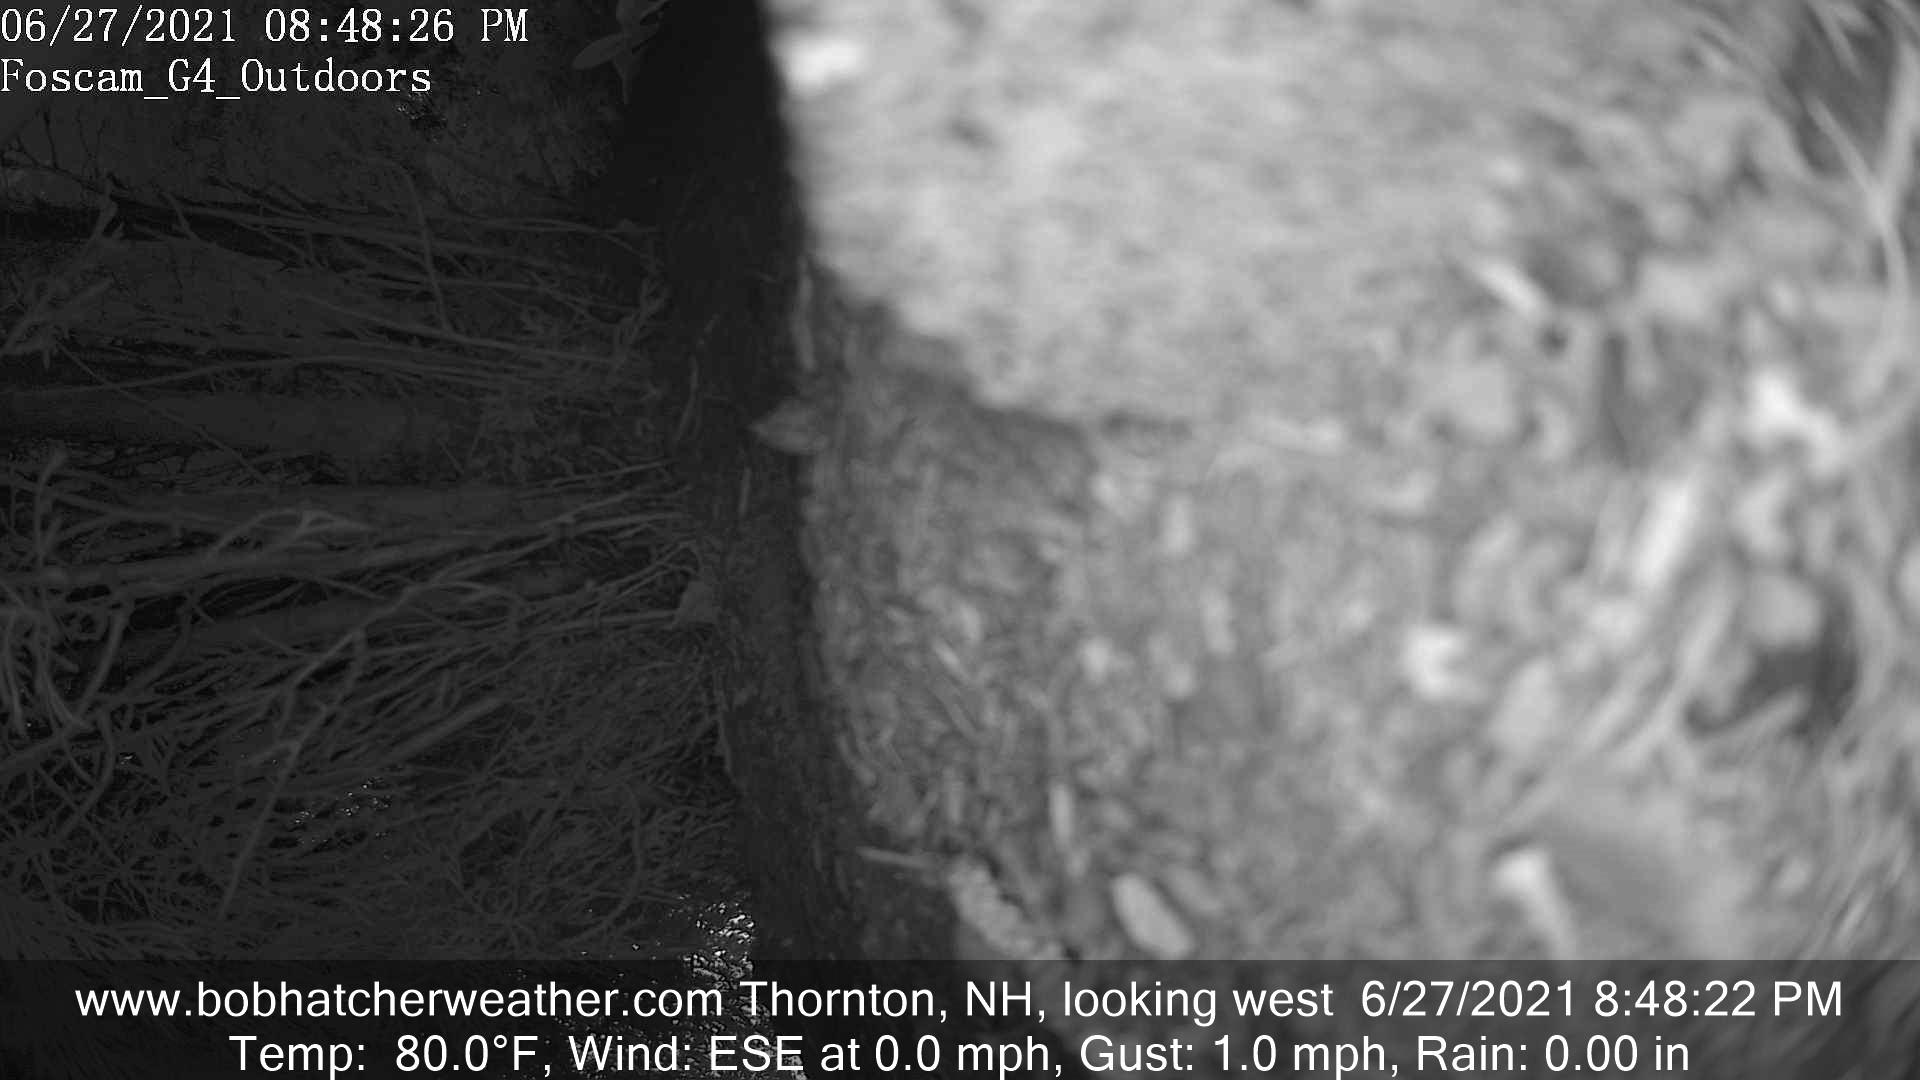 Bob Hatcher webcam